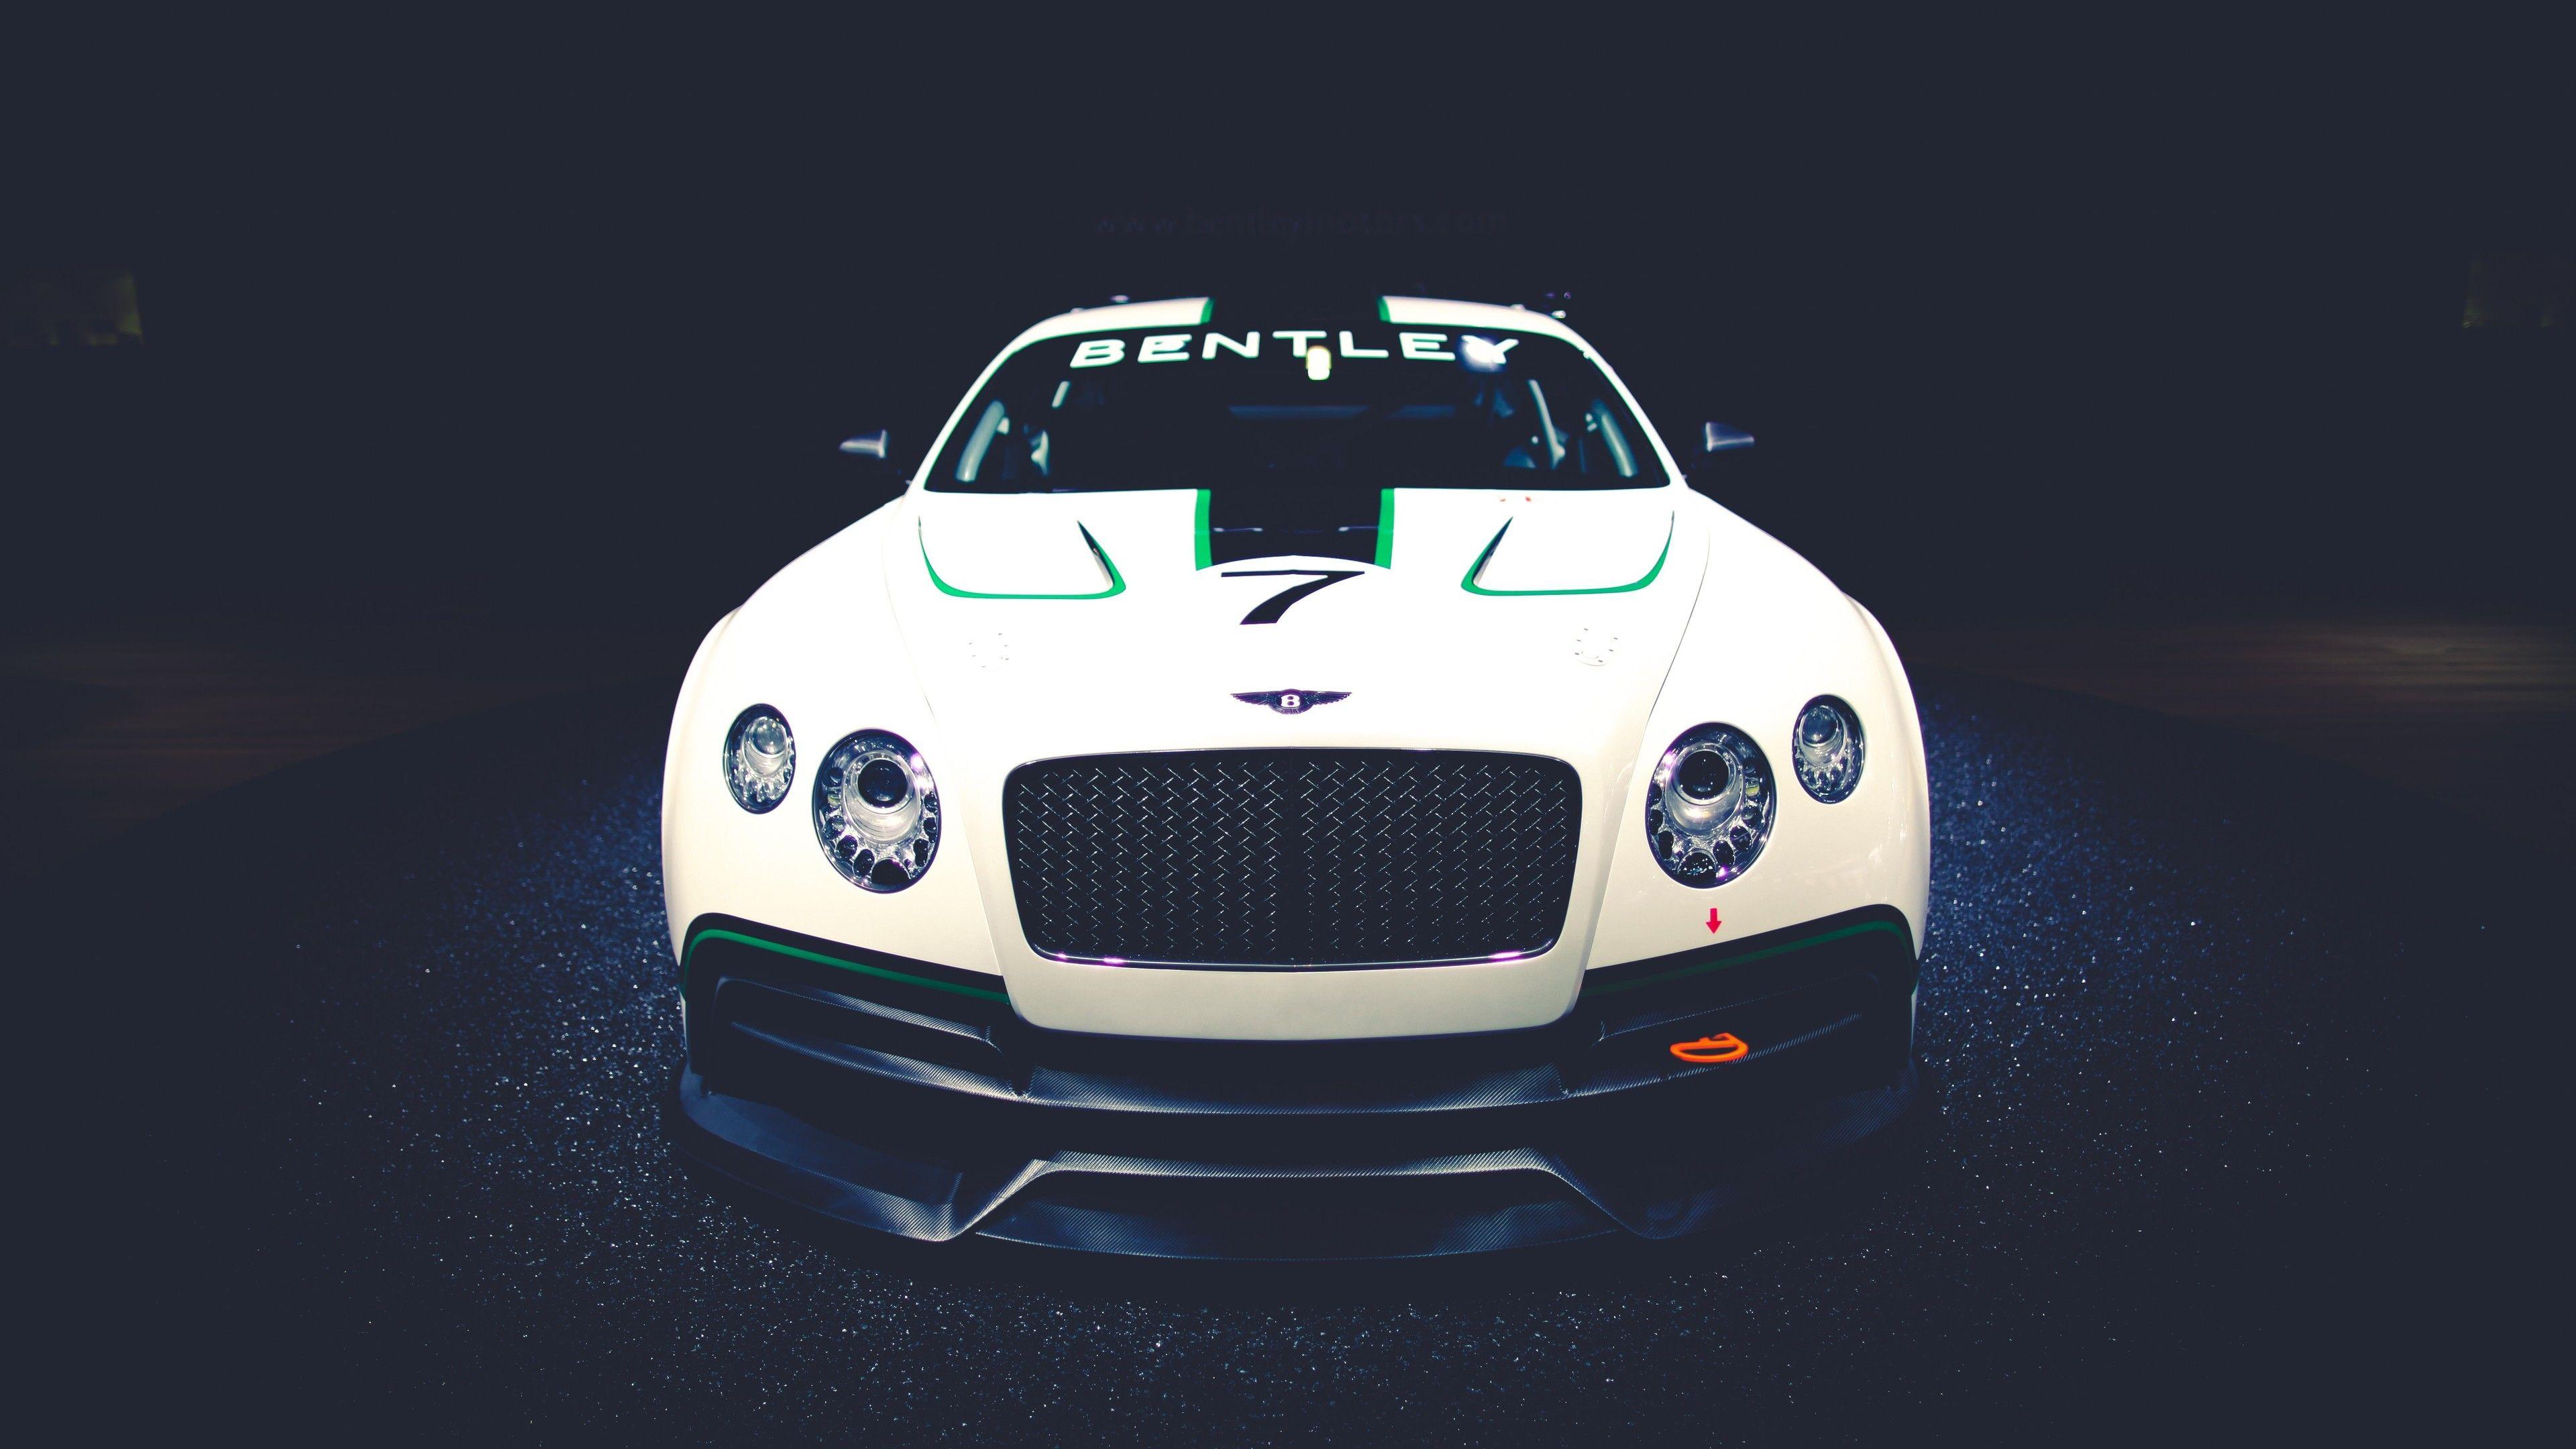 Bentley Continental Gt3 4k Hd Wallpapers Bentley Wallpapers